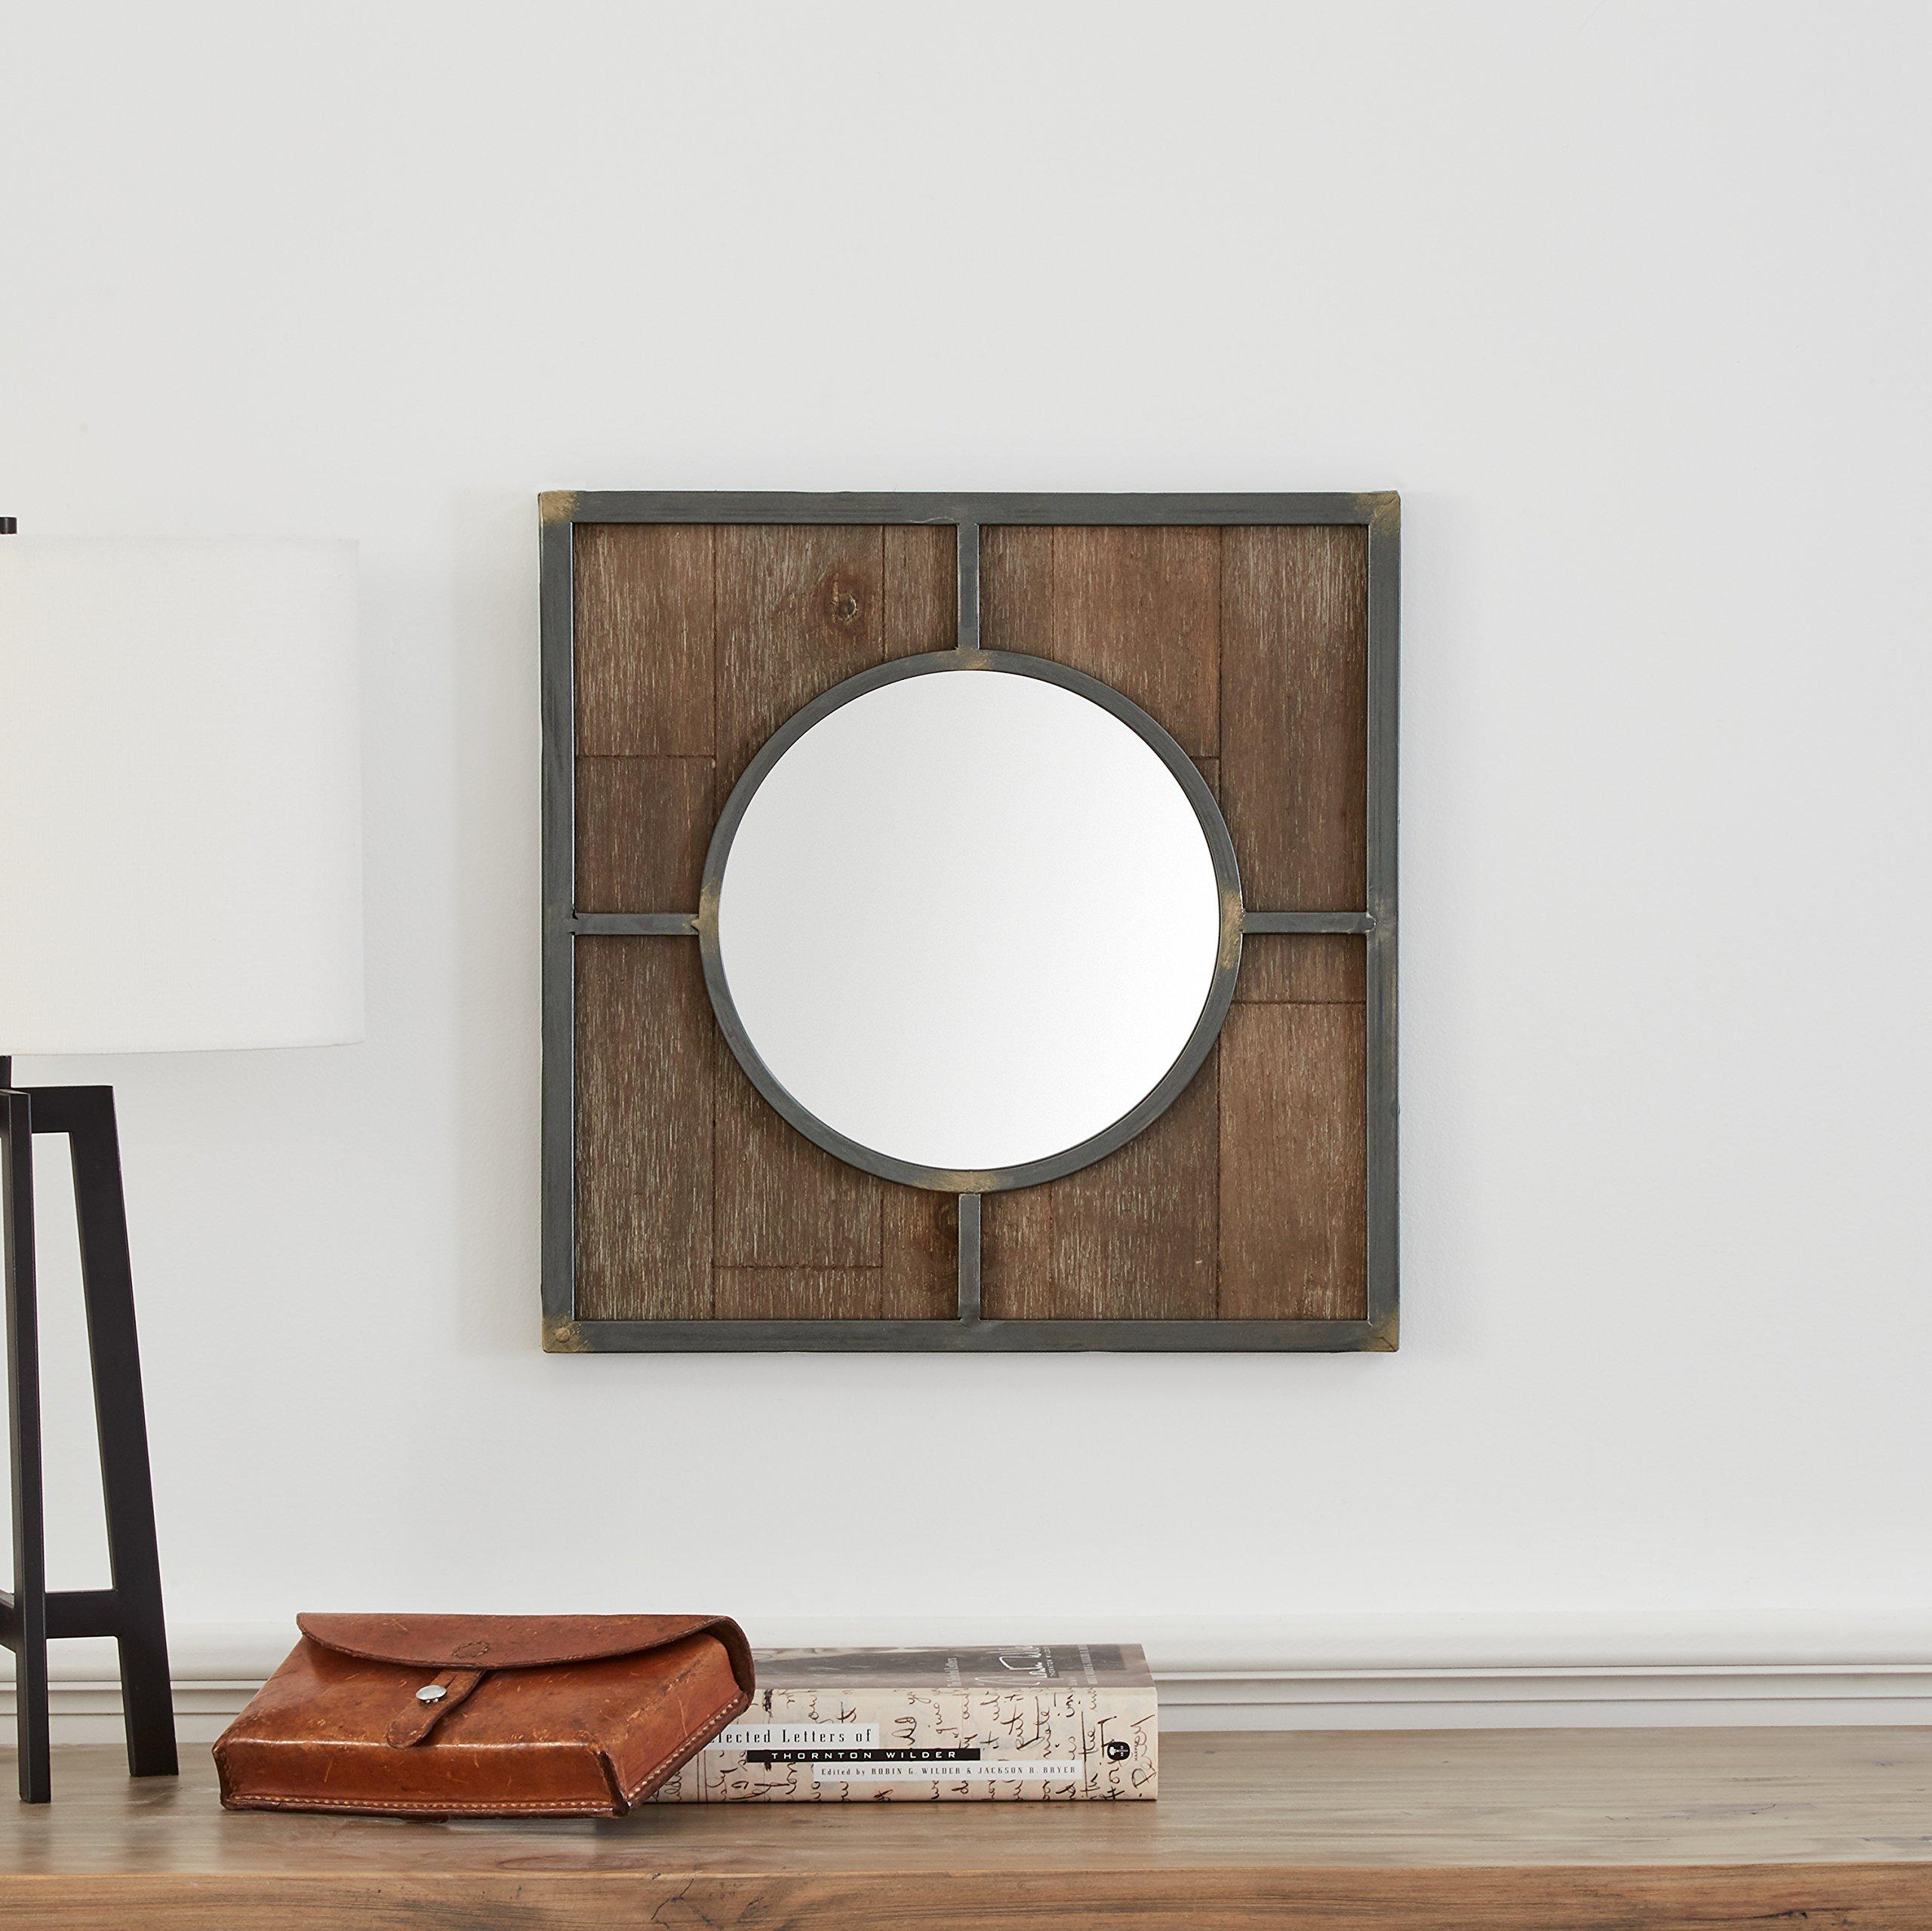 Stone & Beam Round Wood Quadrant Mirror, 15''H, Dark Wood Finish by Stone & Beam (Image #2)